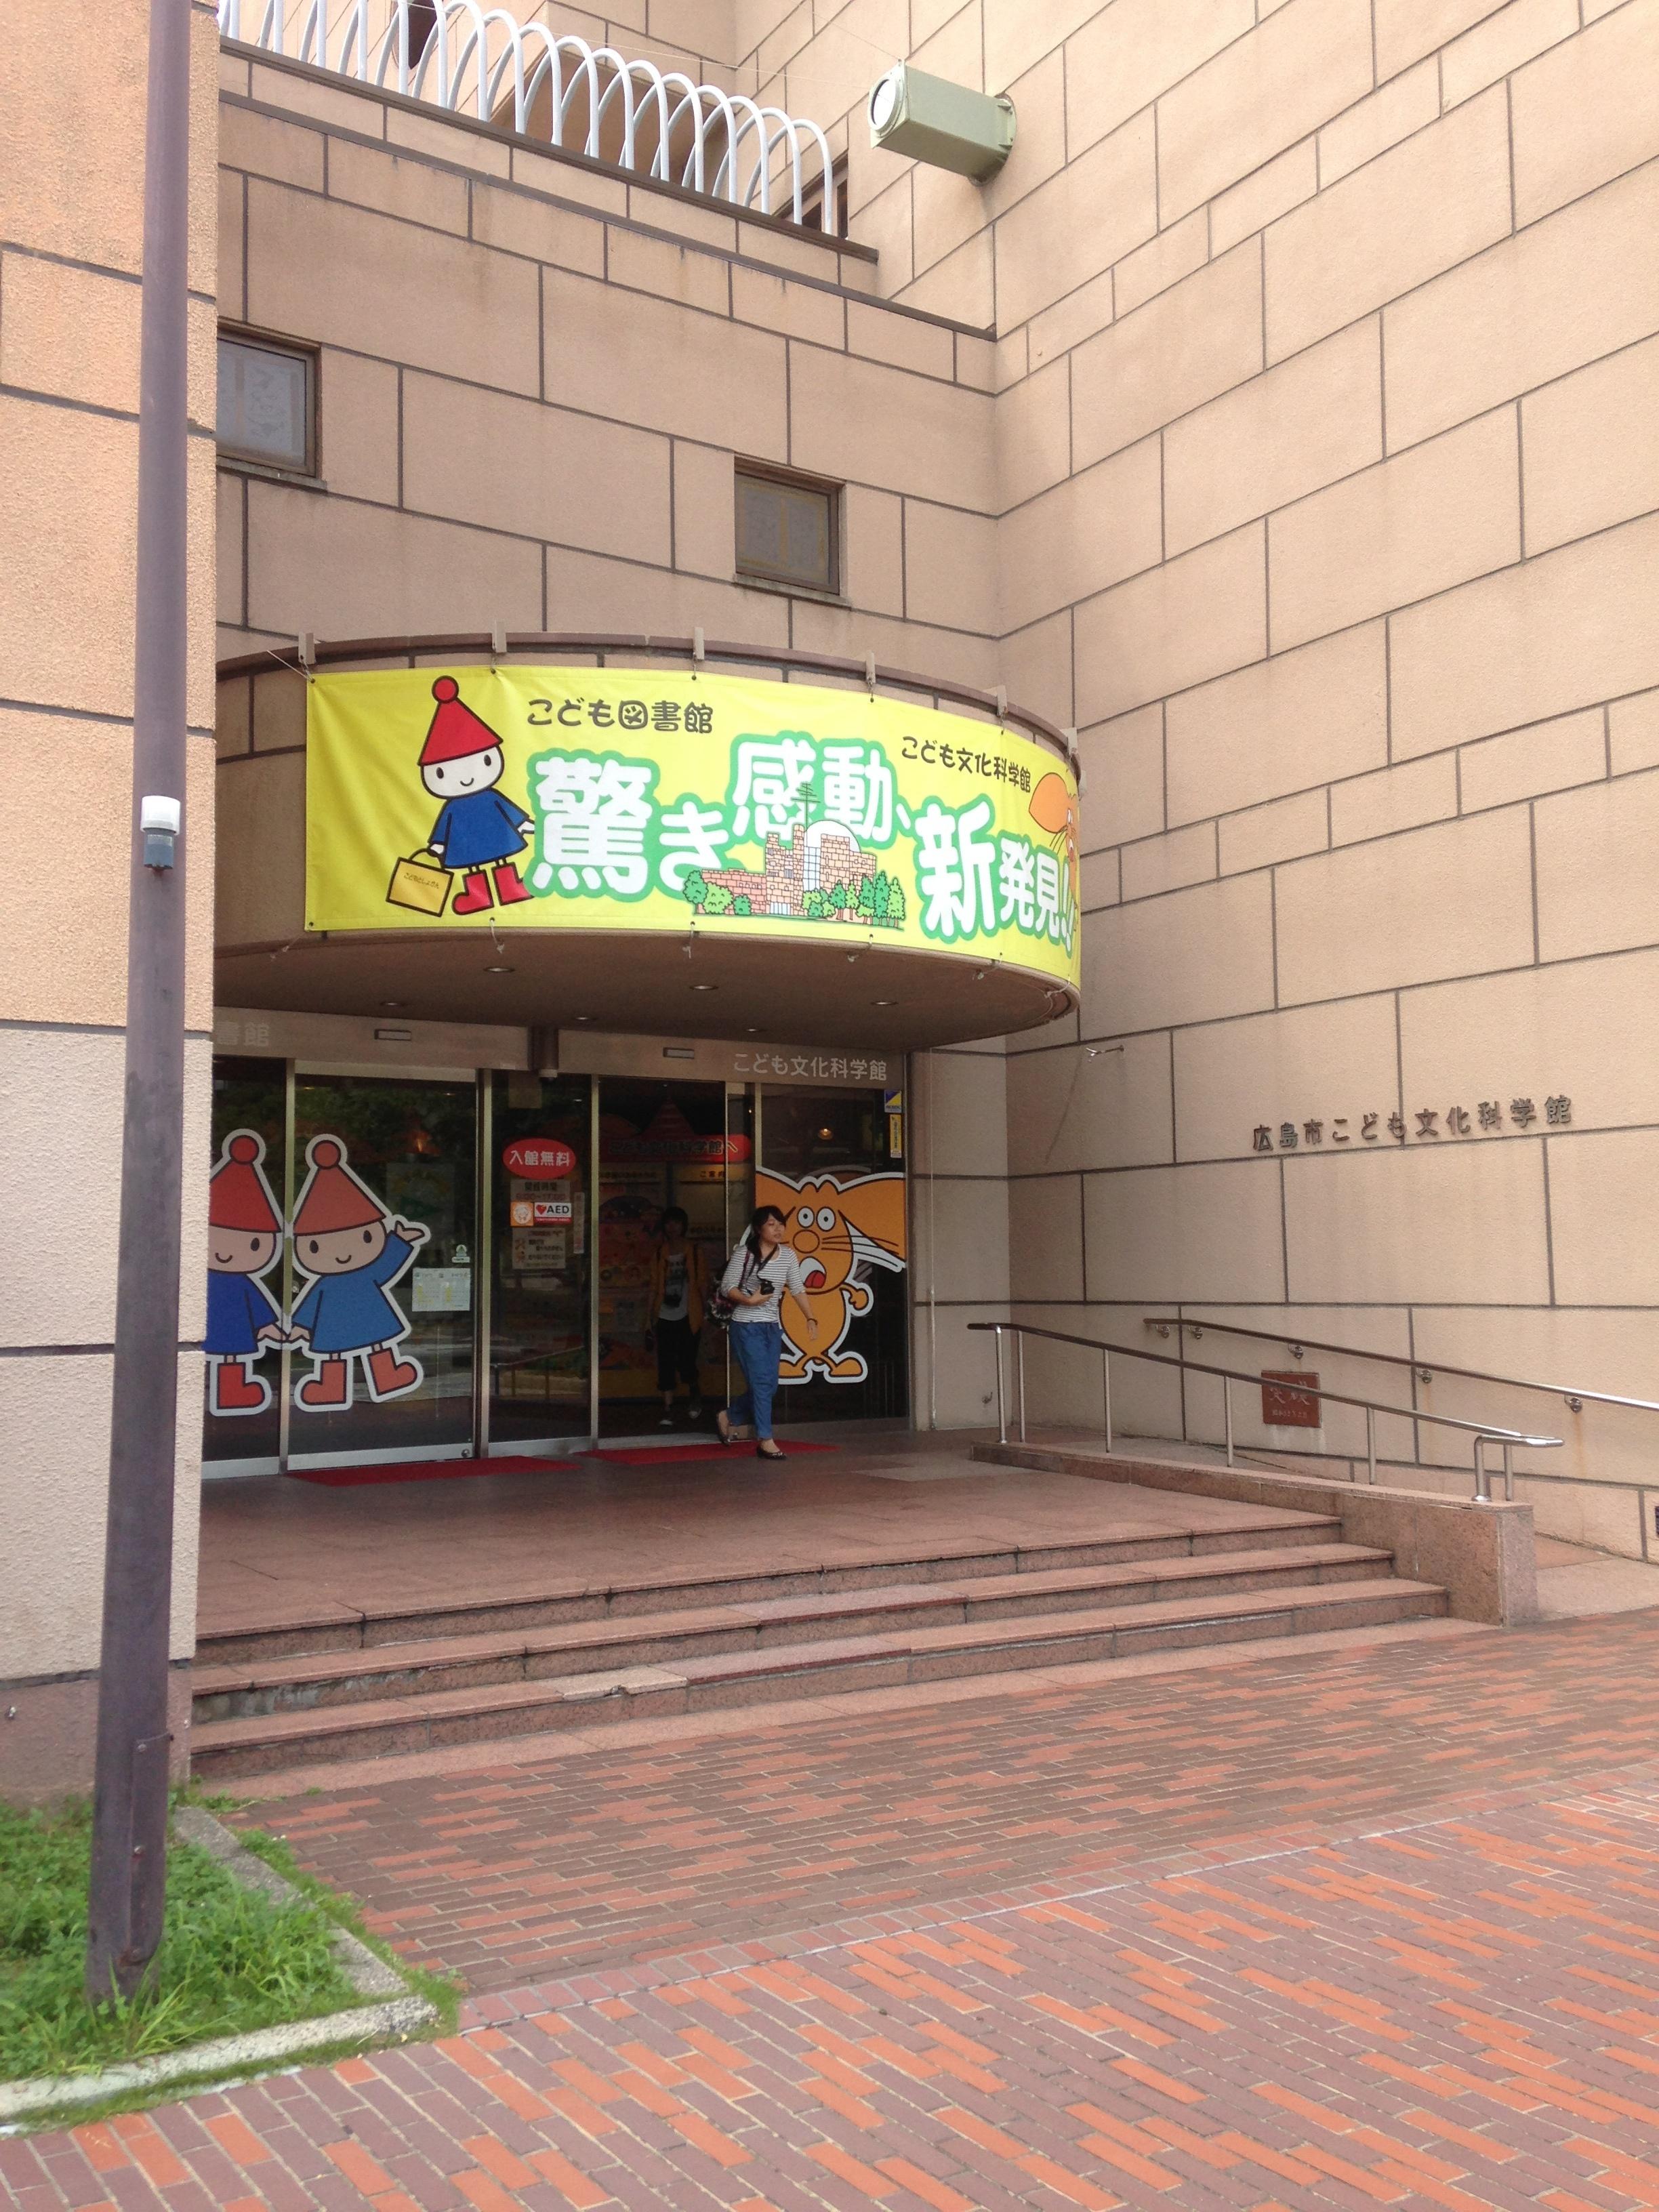 広島市こども図書館・こども文化科学館,こどもtoおでかけ